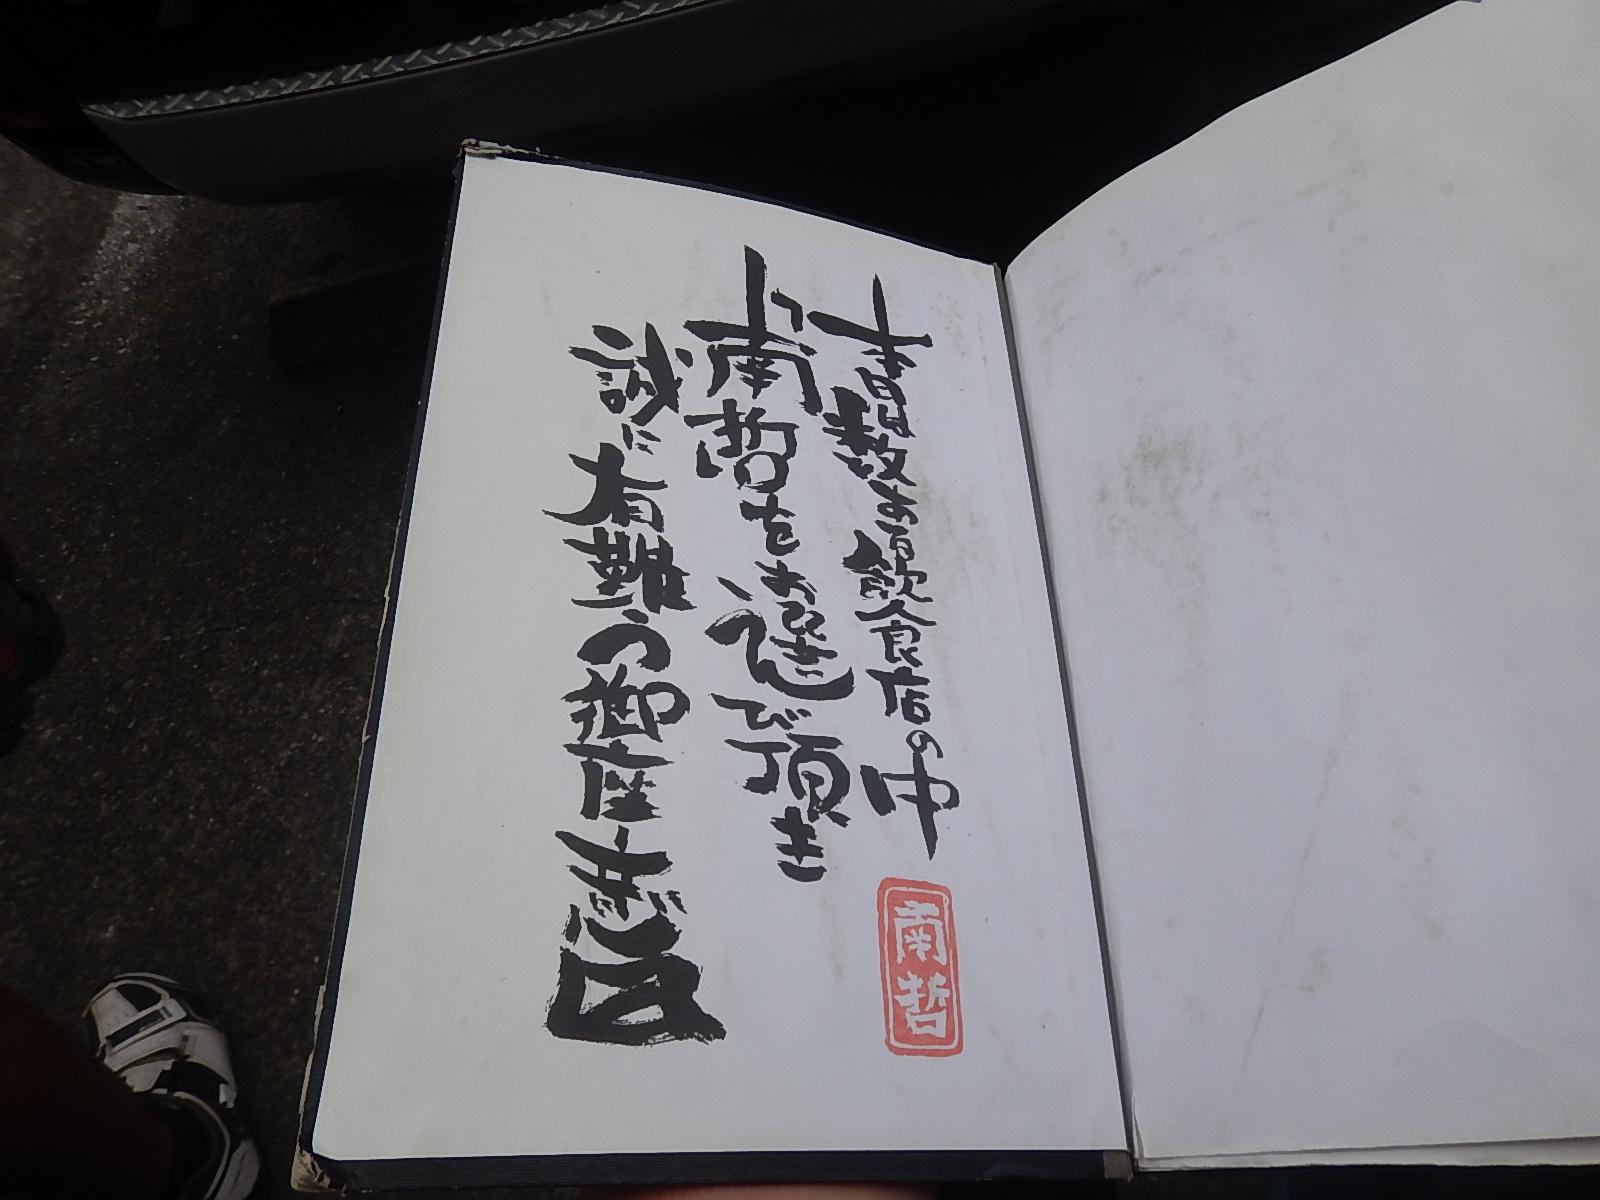 相模原 南哲(うどん)